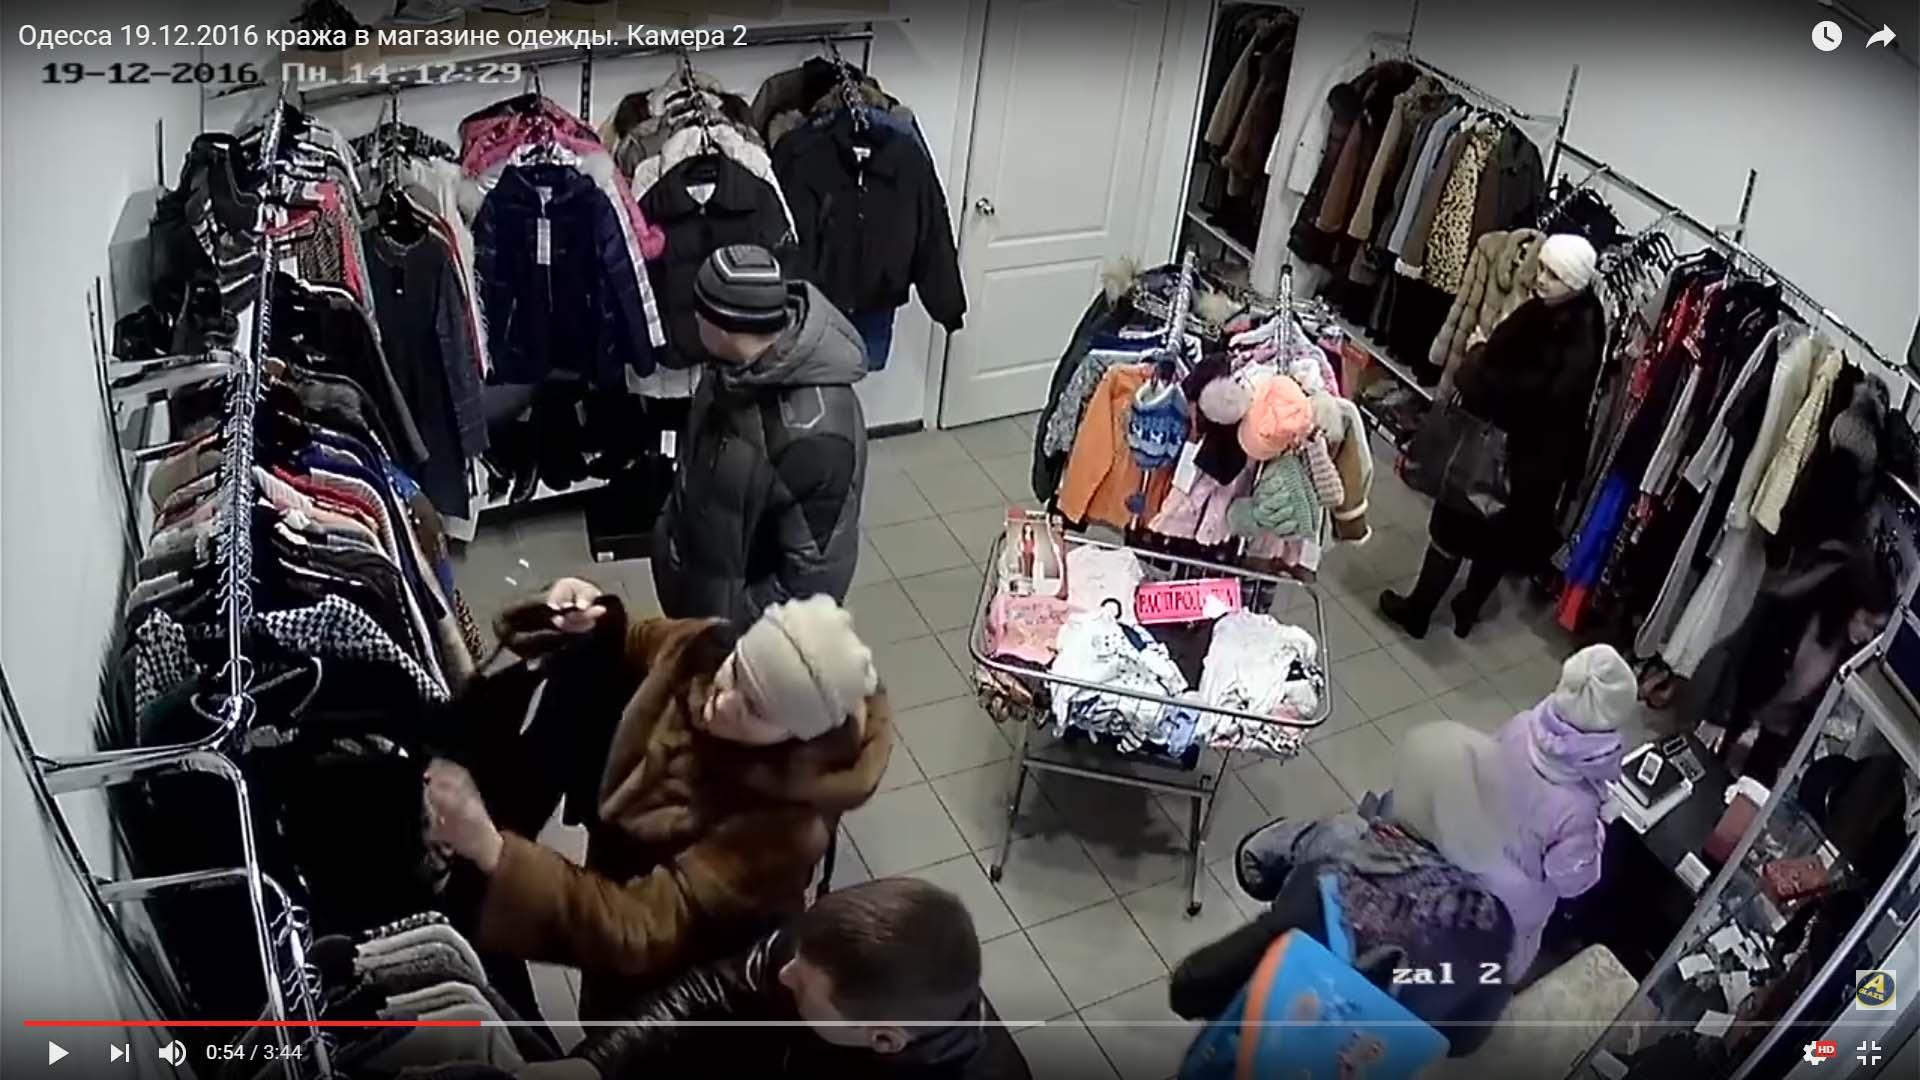 Что они делают: скрытая камера сняла очень странное поведение посетителей (ВИДЕО). Такого владельцы магазина никак не ожидали